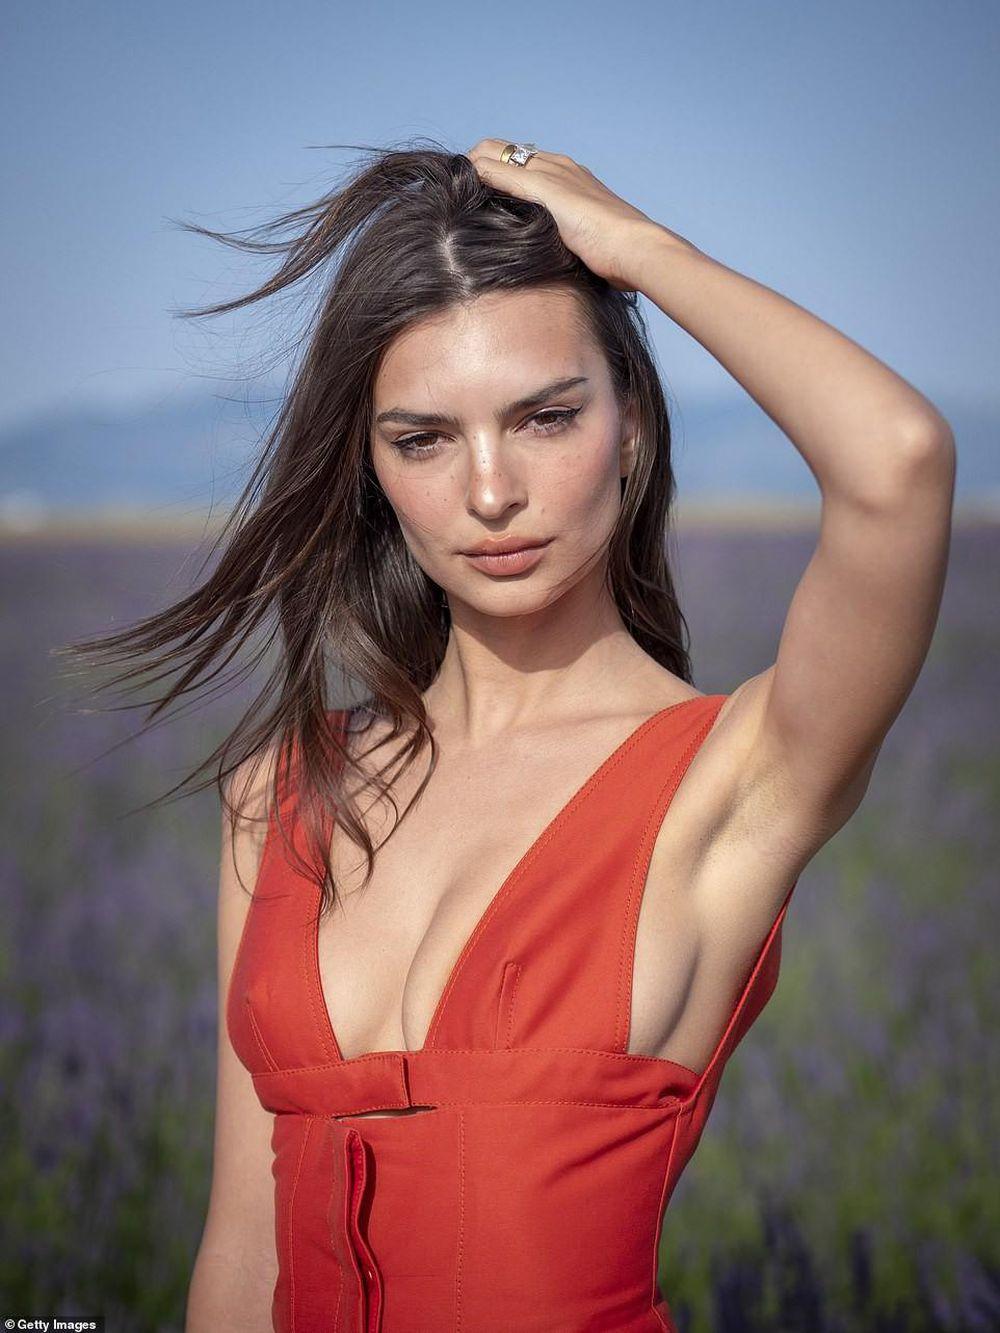 Bông hồng lai Emily Ratajkowski là người mẫu mới lên tiếng vì bị quấy rối tình dục.